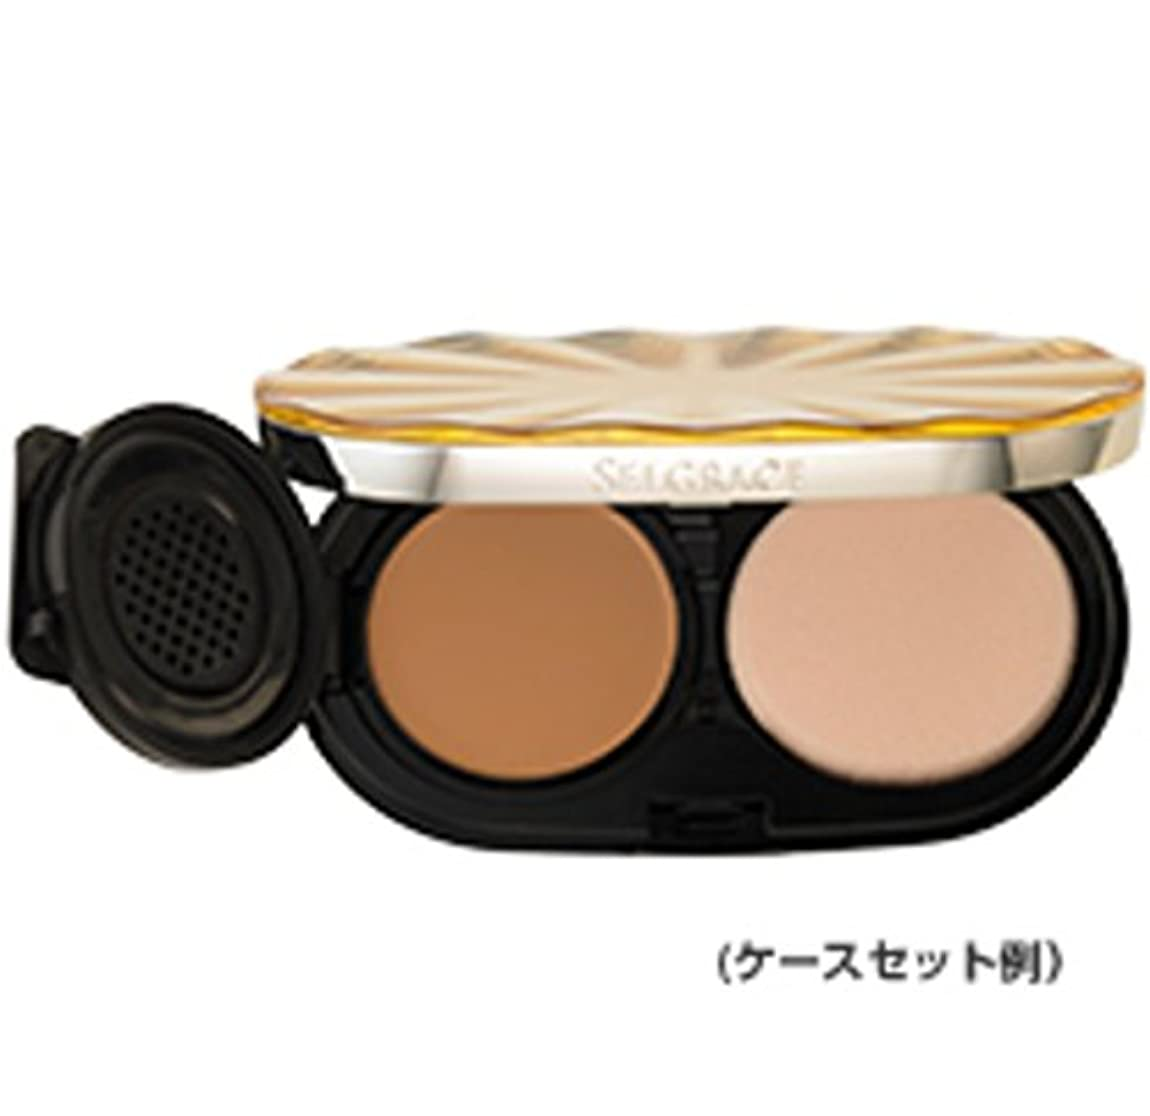 線子猫取り出すナリス化粧品 セルグレース ベースインパクト ファンデーション 130 ライトピンクベージュ レフィル (スポンジ付き)